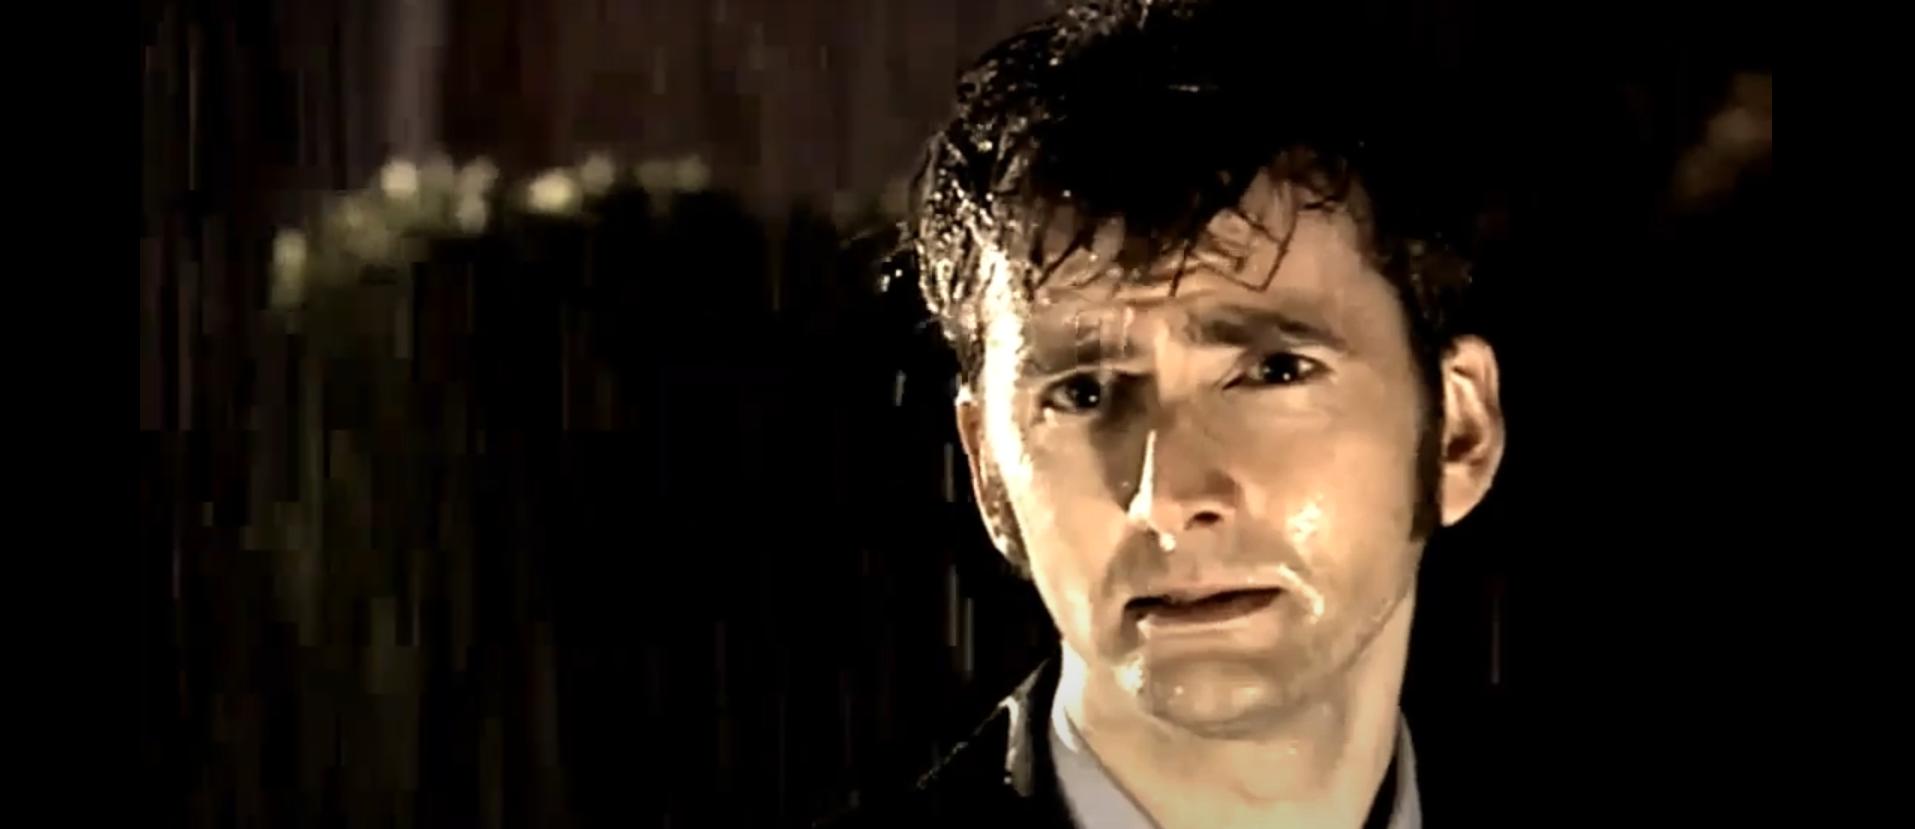 Скриншот из сериала Доктор Кто Десятый Доктор Девид Теннант